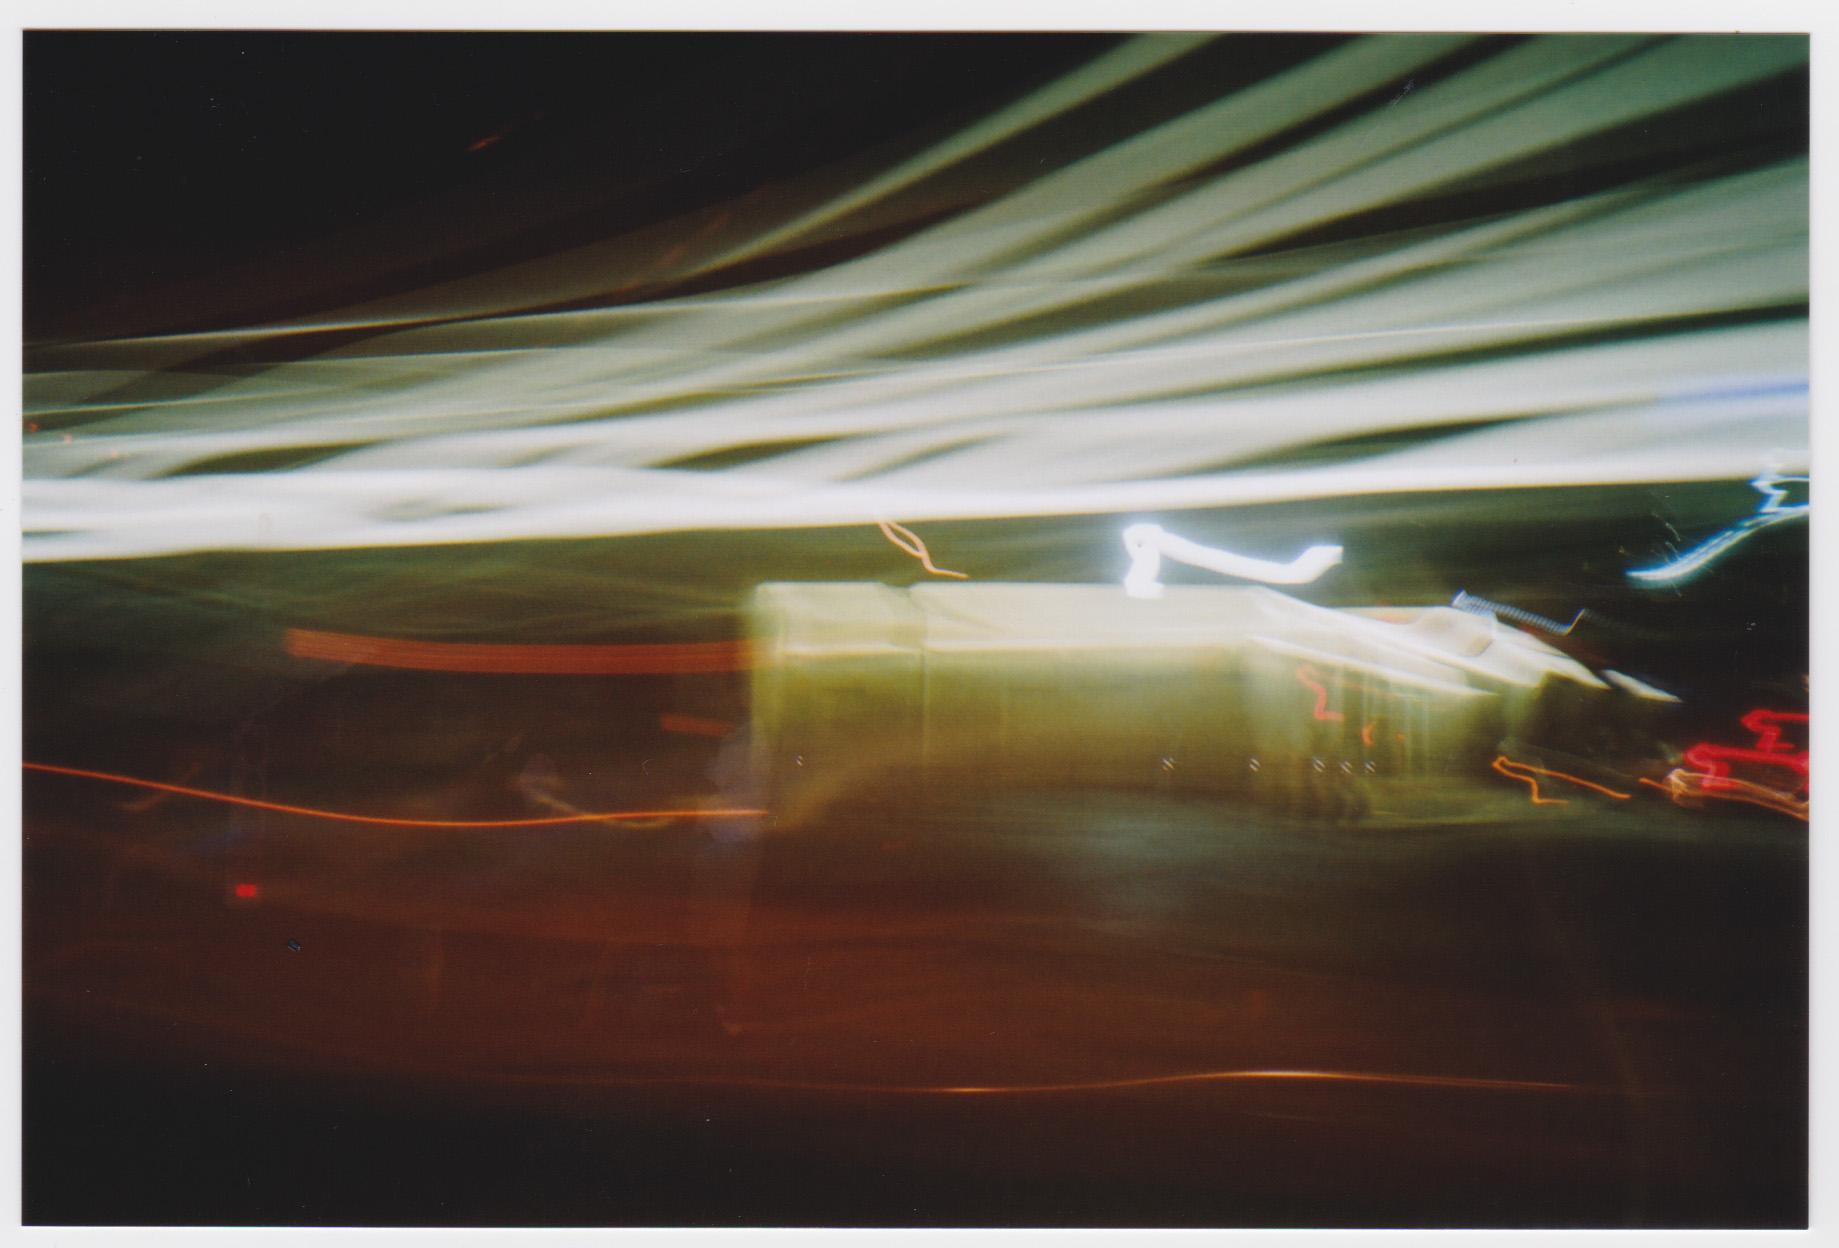 Blur6.jpg